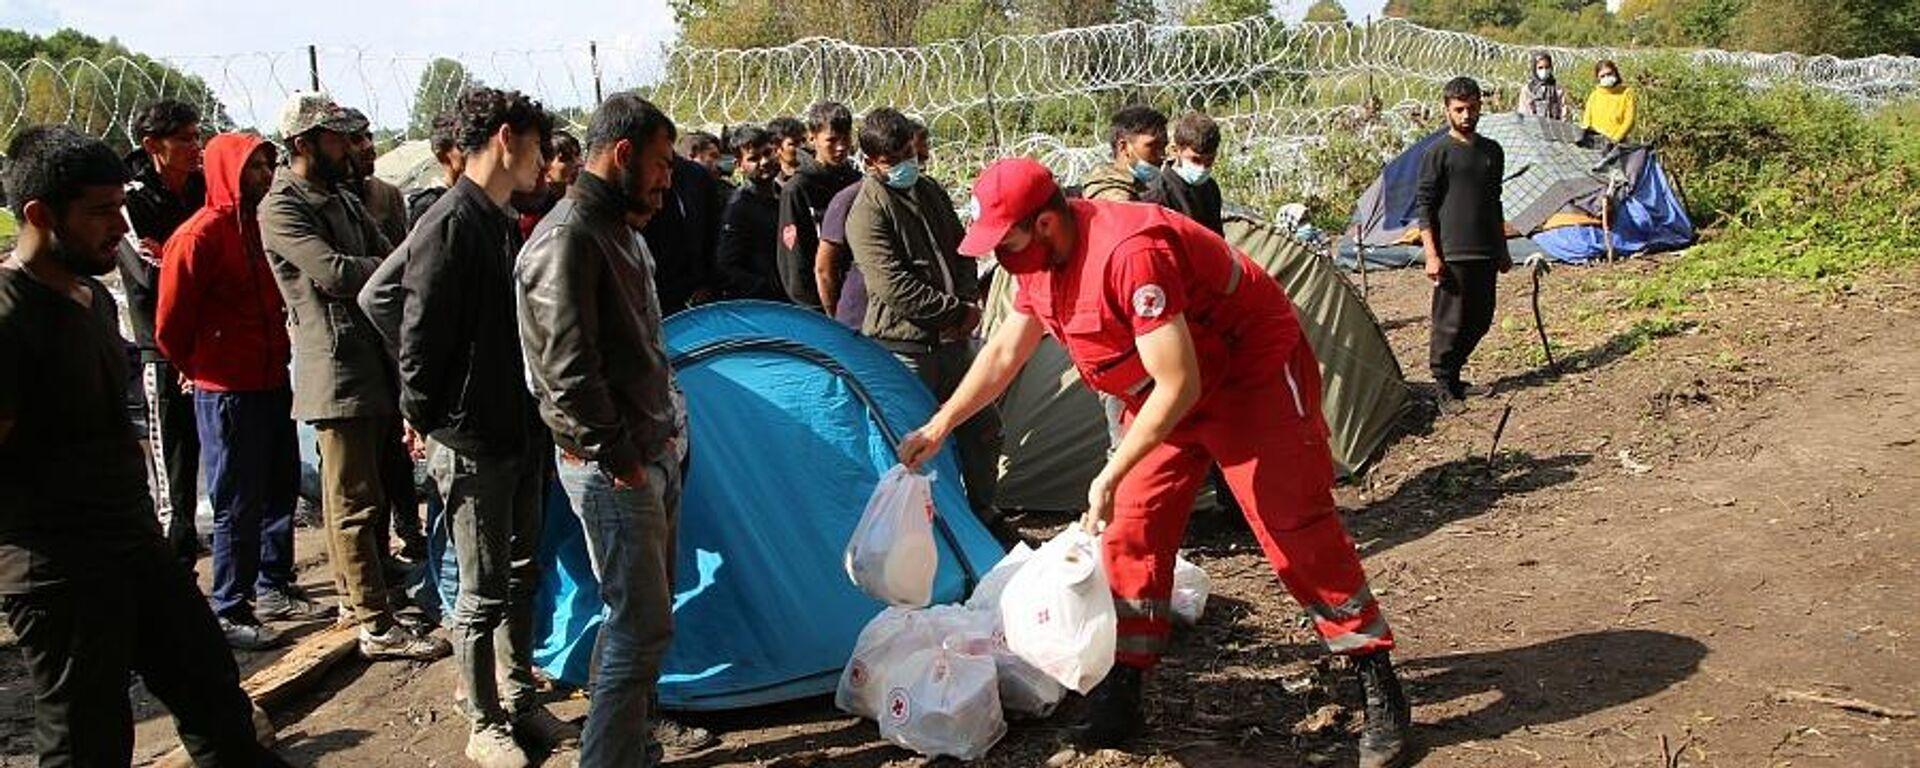 Госпогранкомитет пропустил гуманитарную помощь для беженцев на границе - Sputnik Латвия, 1920, 14.09.2021